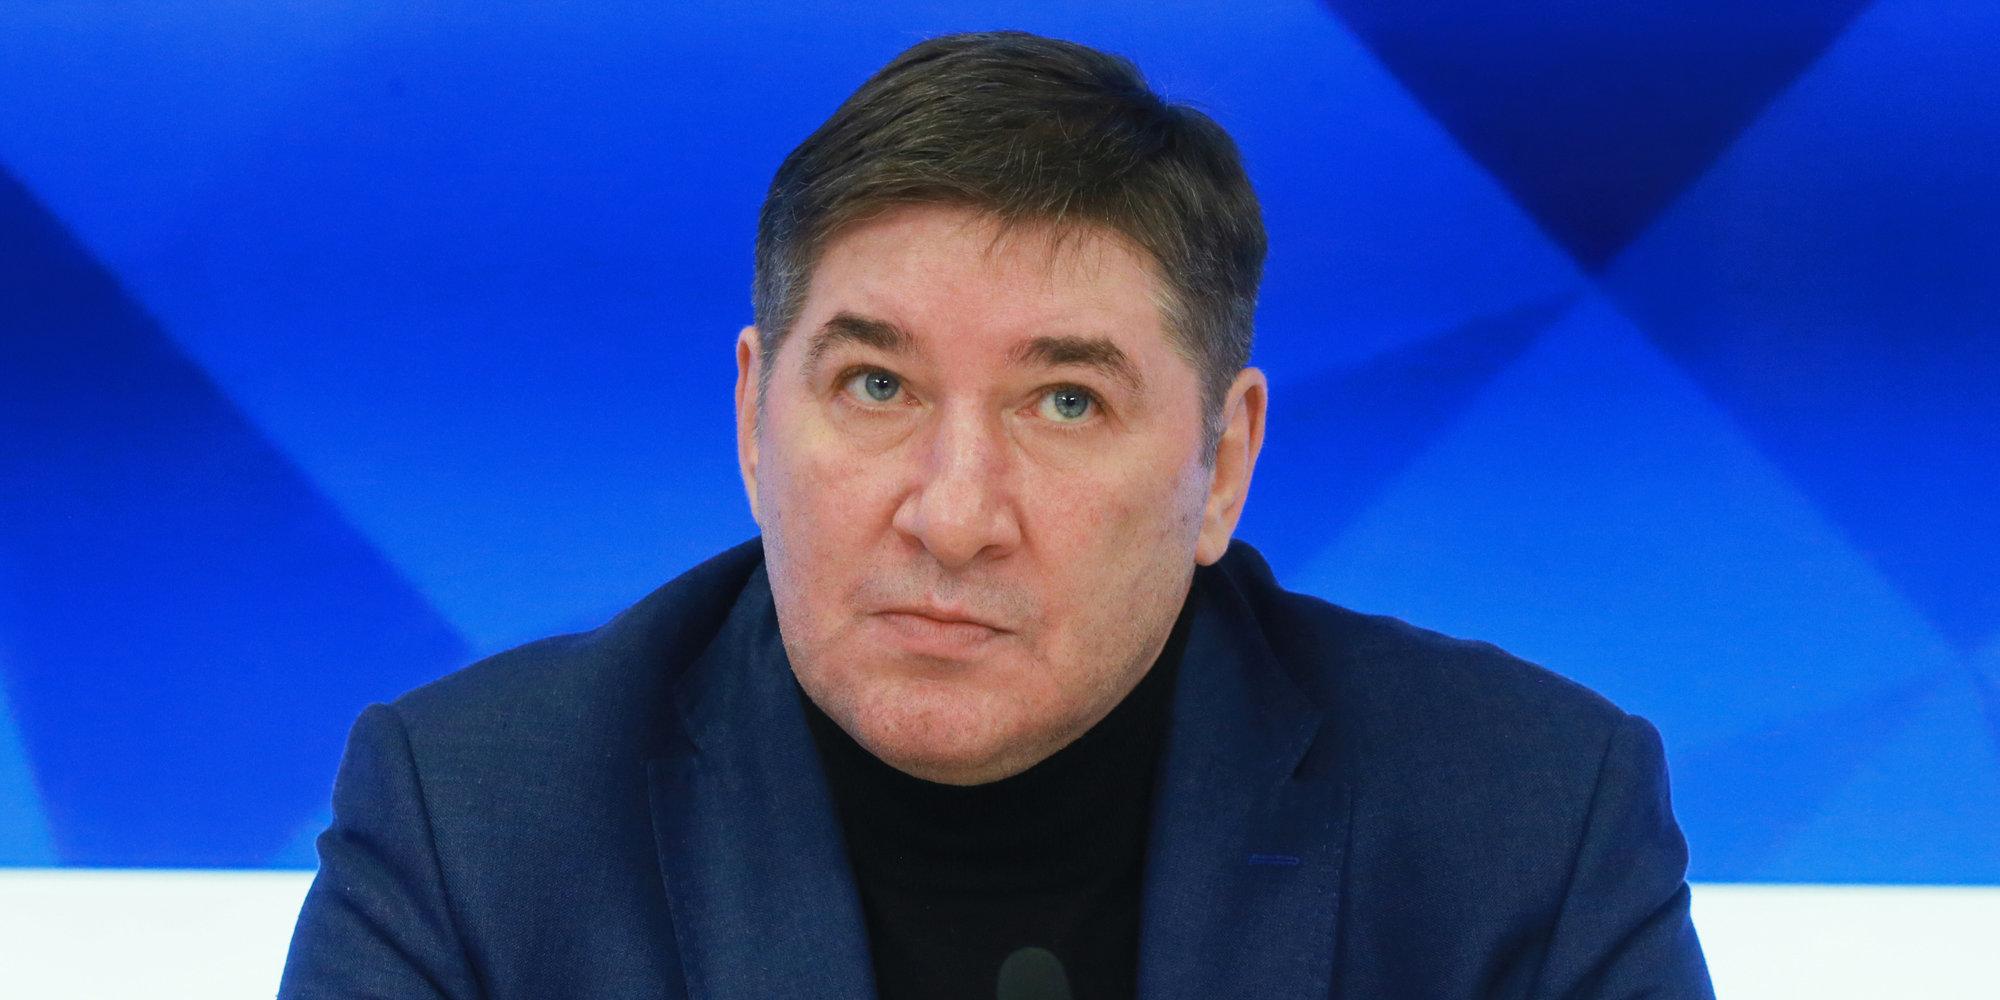 Александр Кожевников — об отставке Воробьева: «Было изначально понятно, что так произойдет»